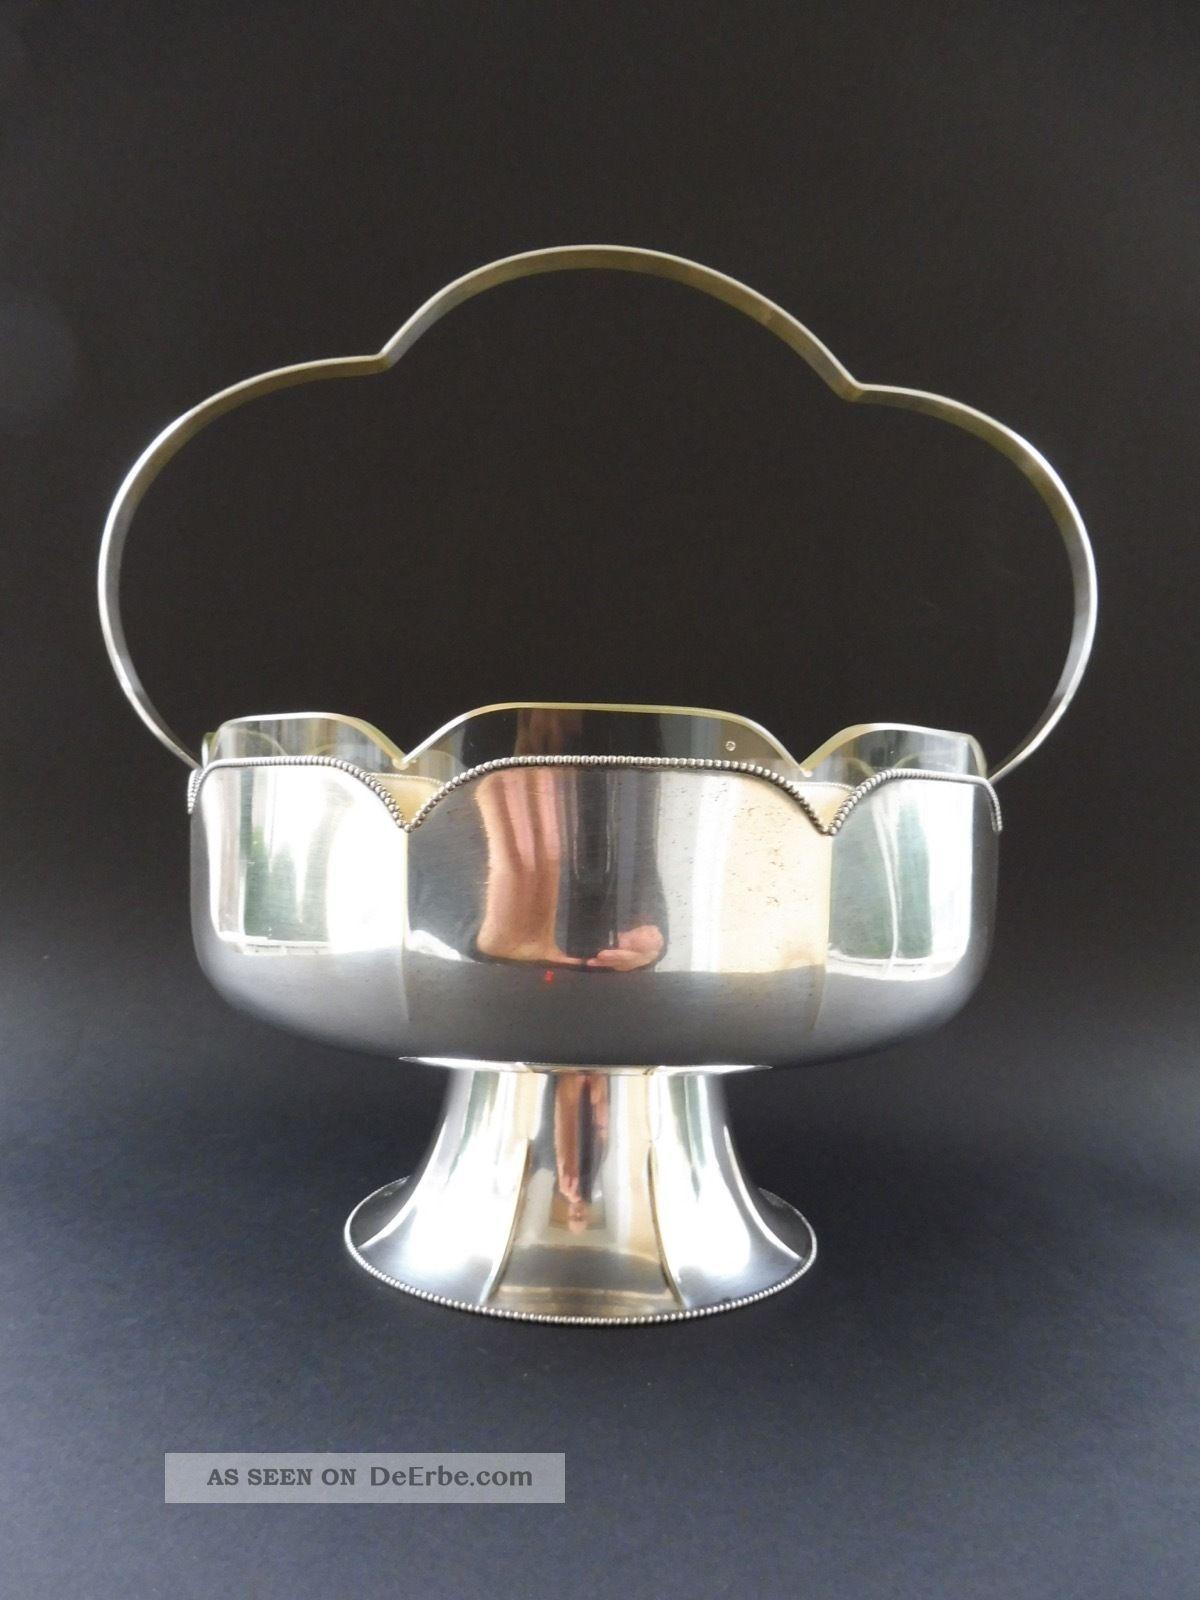 Wmf Jugendstil Jardiniere Wiener Stil Perlrand Art Nouveau Vergoldet Gilt Glas 1890-1919, Jugendstil Bild